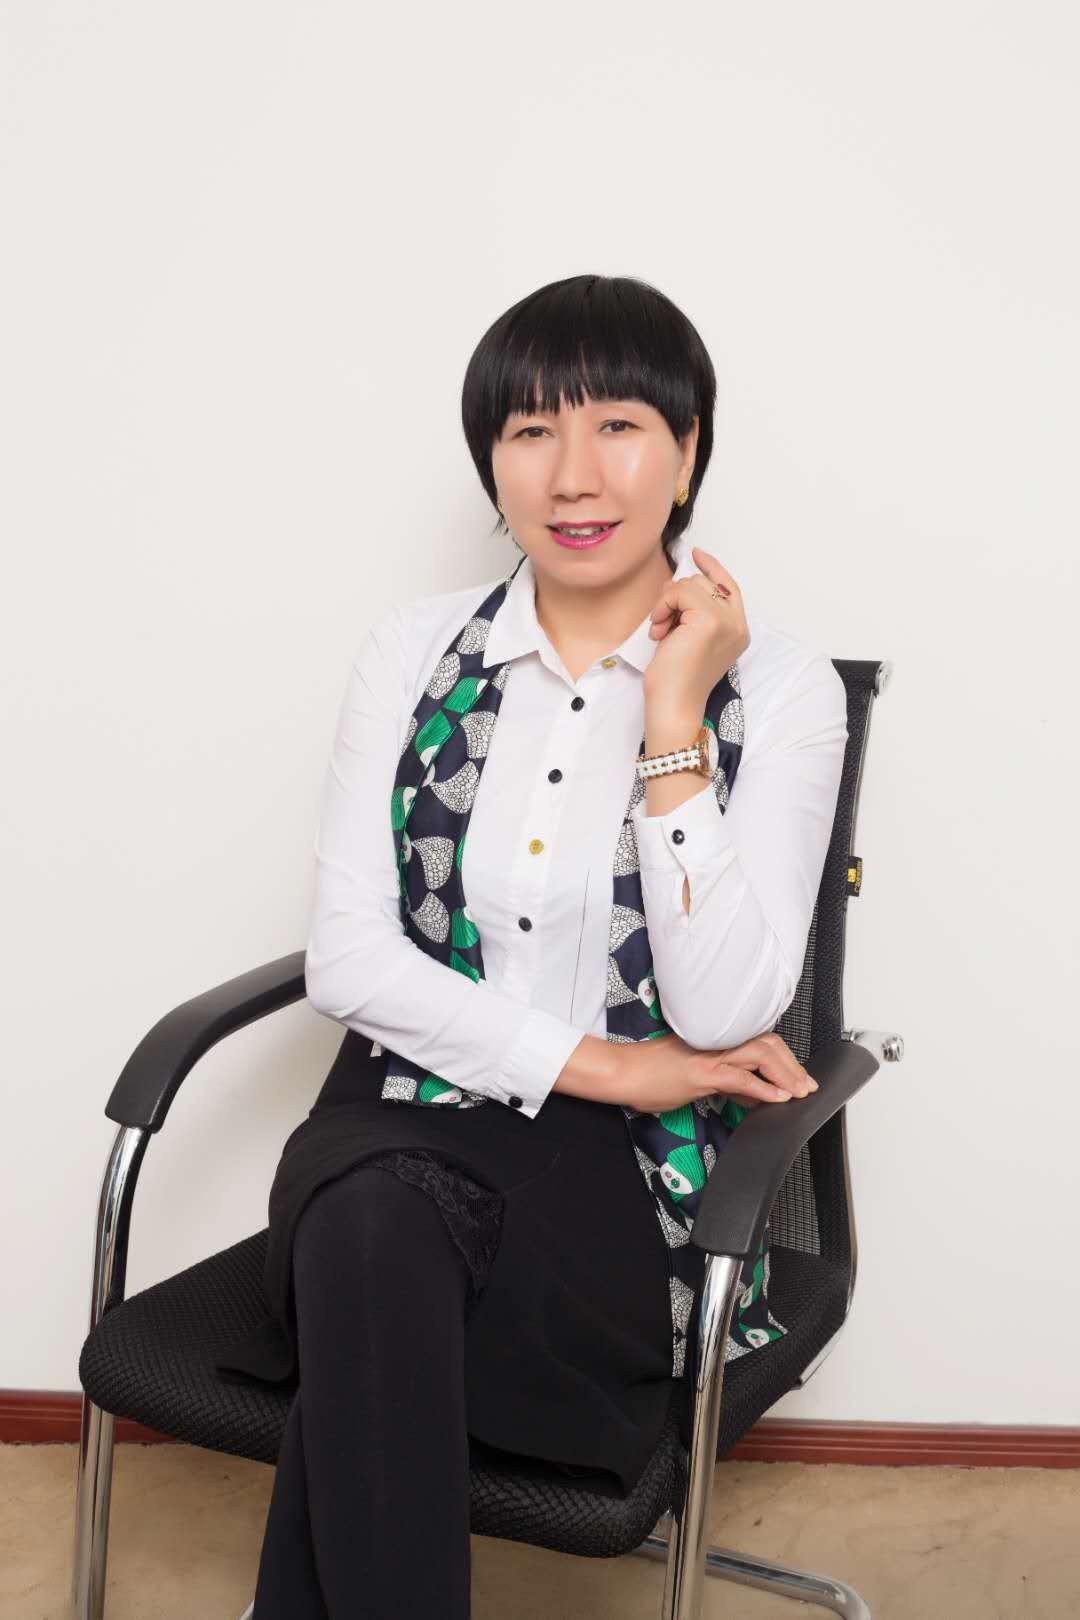 百丰恒瑞律师事务所副主任闫勤律师